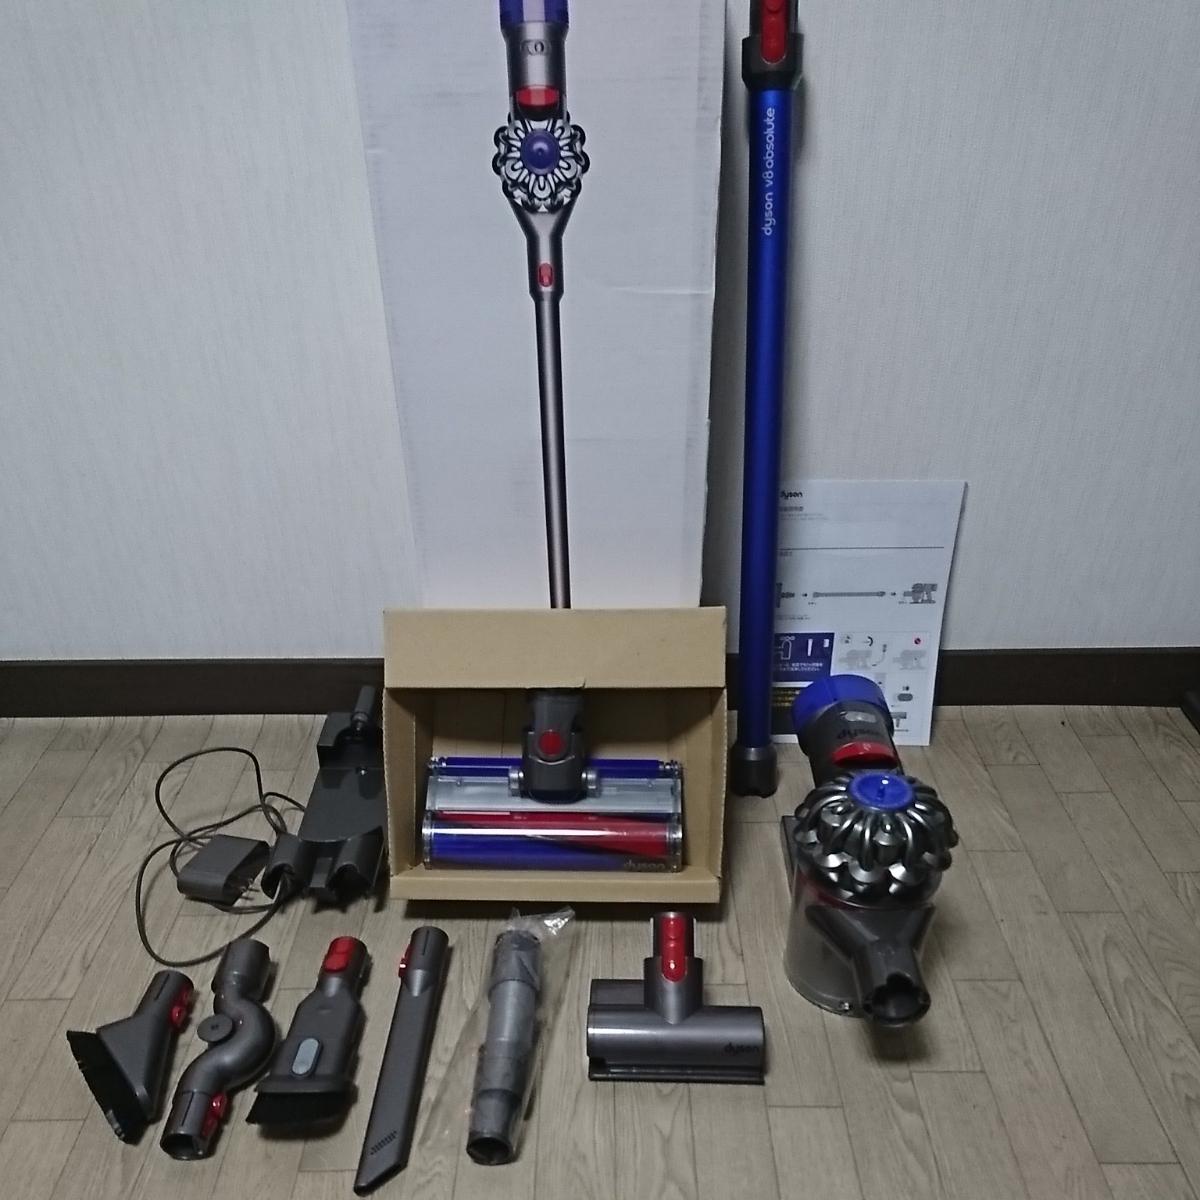 ダイソンハンディクリーナーV8fluffy+ 千葉県 検索用 DC62 V6 V7 V8 V10 スティッククリーナー 掃除機